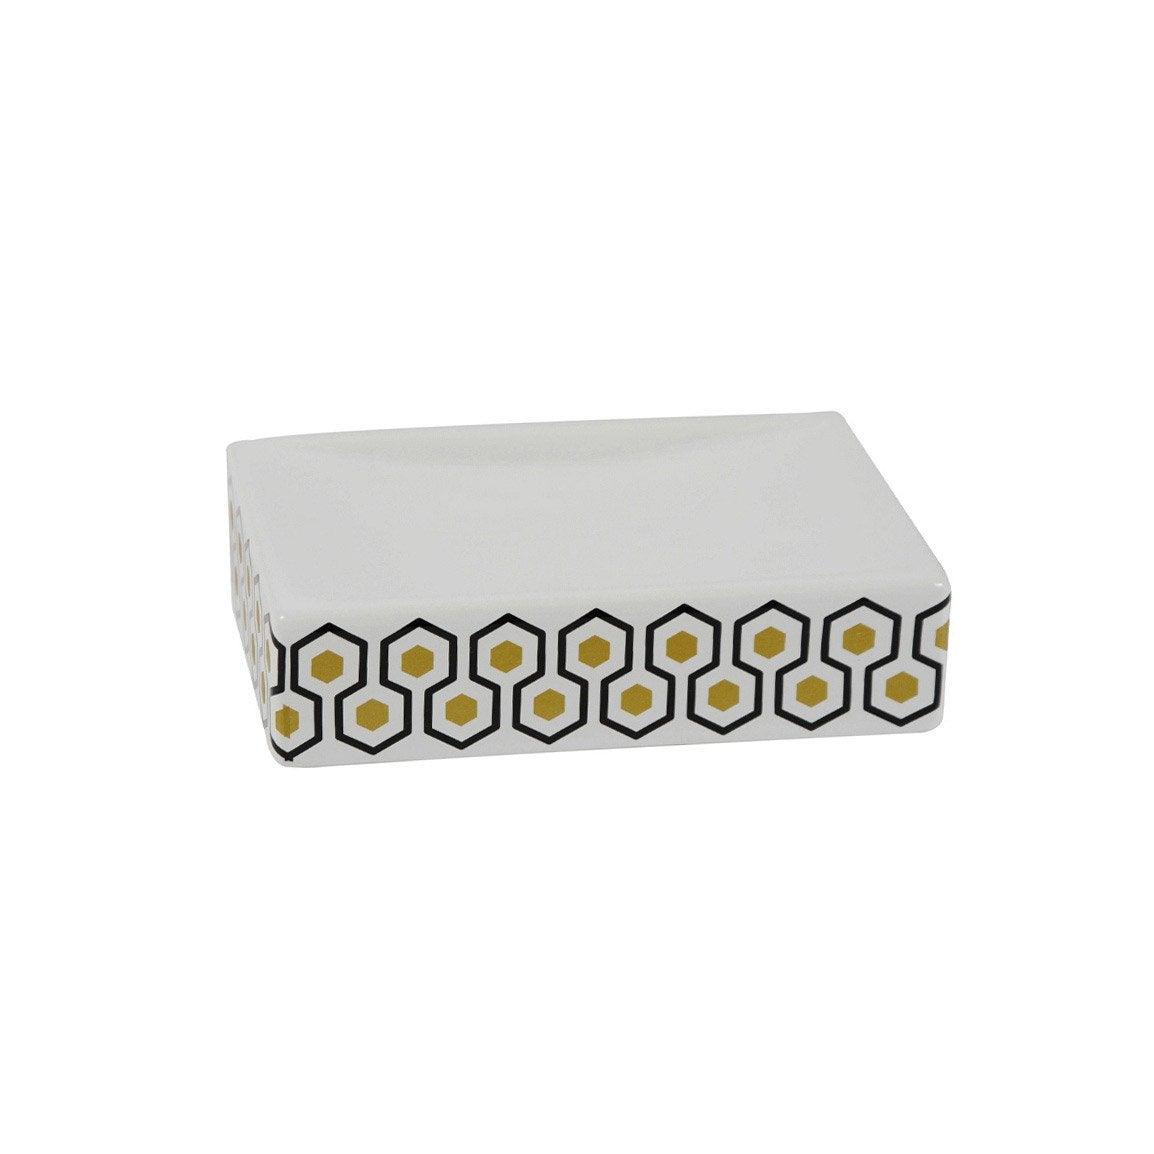 Porte-savon céramique Carlton, blanc, noir et or